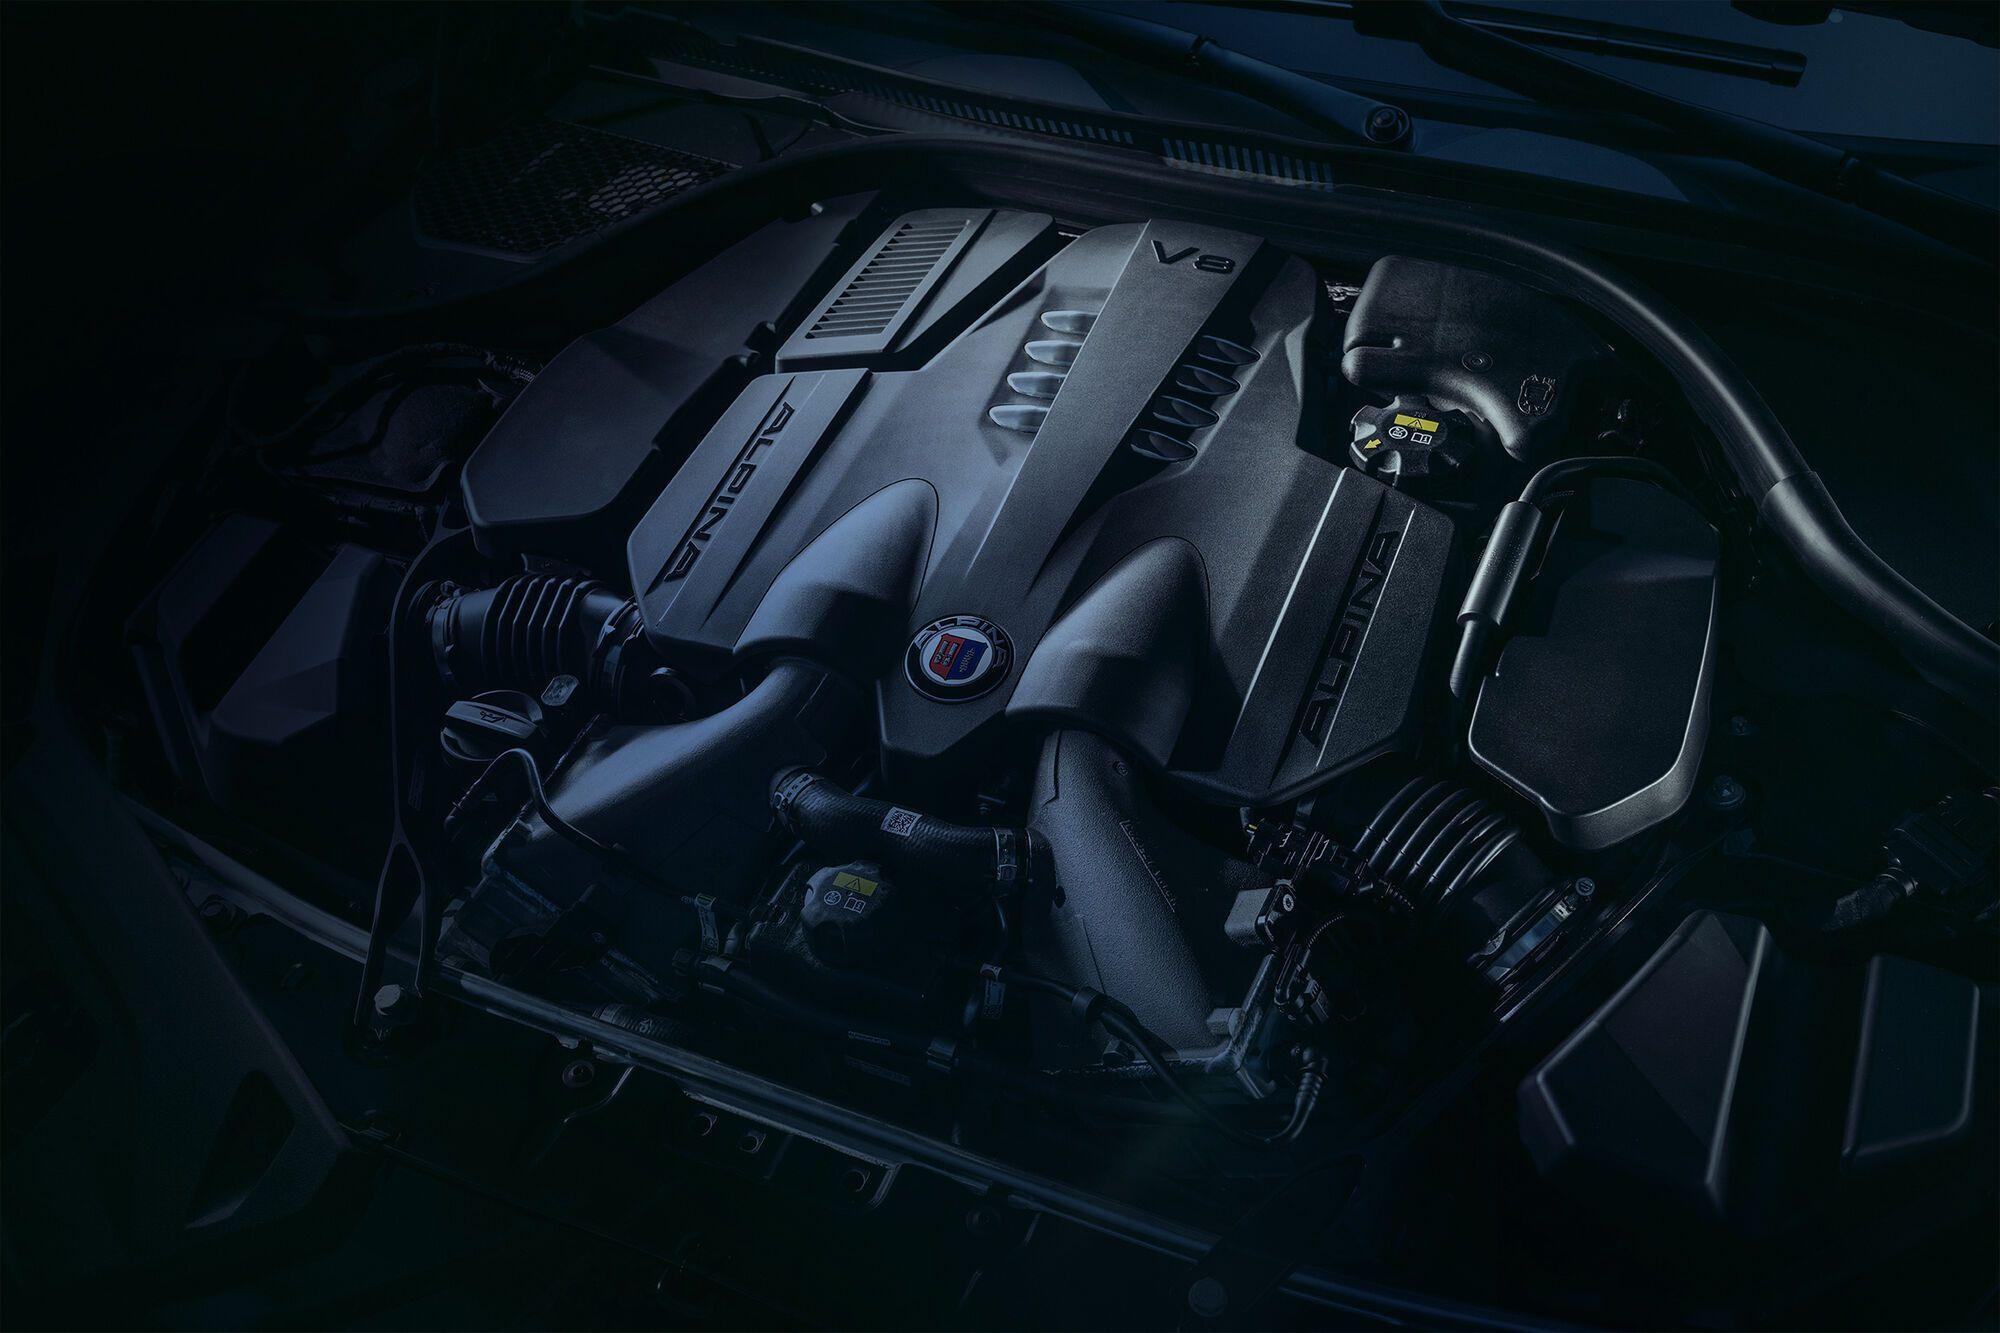 Під капотом новинки розташовується форсований V8 4.4 з двома турбонагнітачами